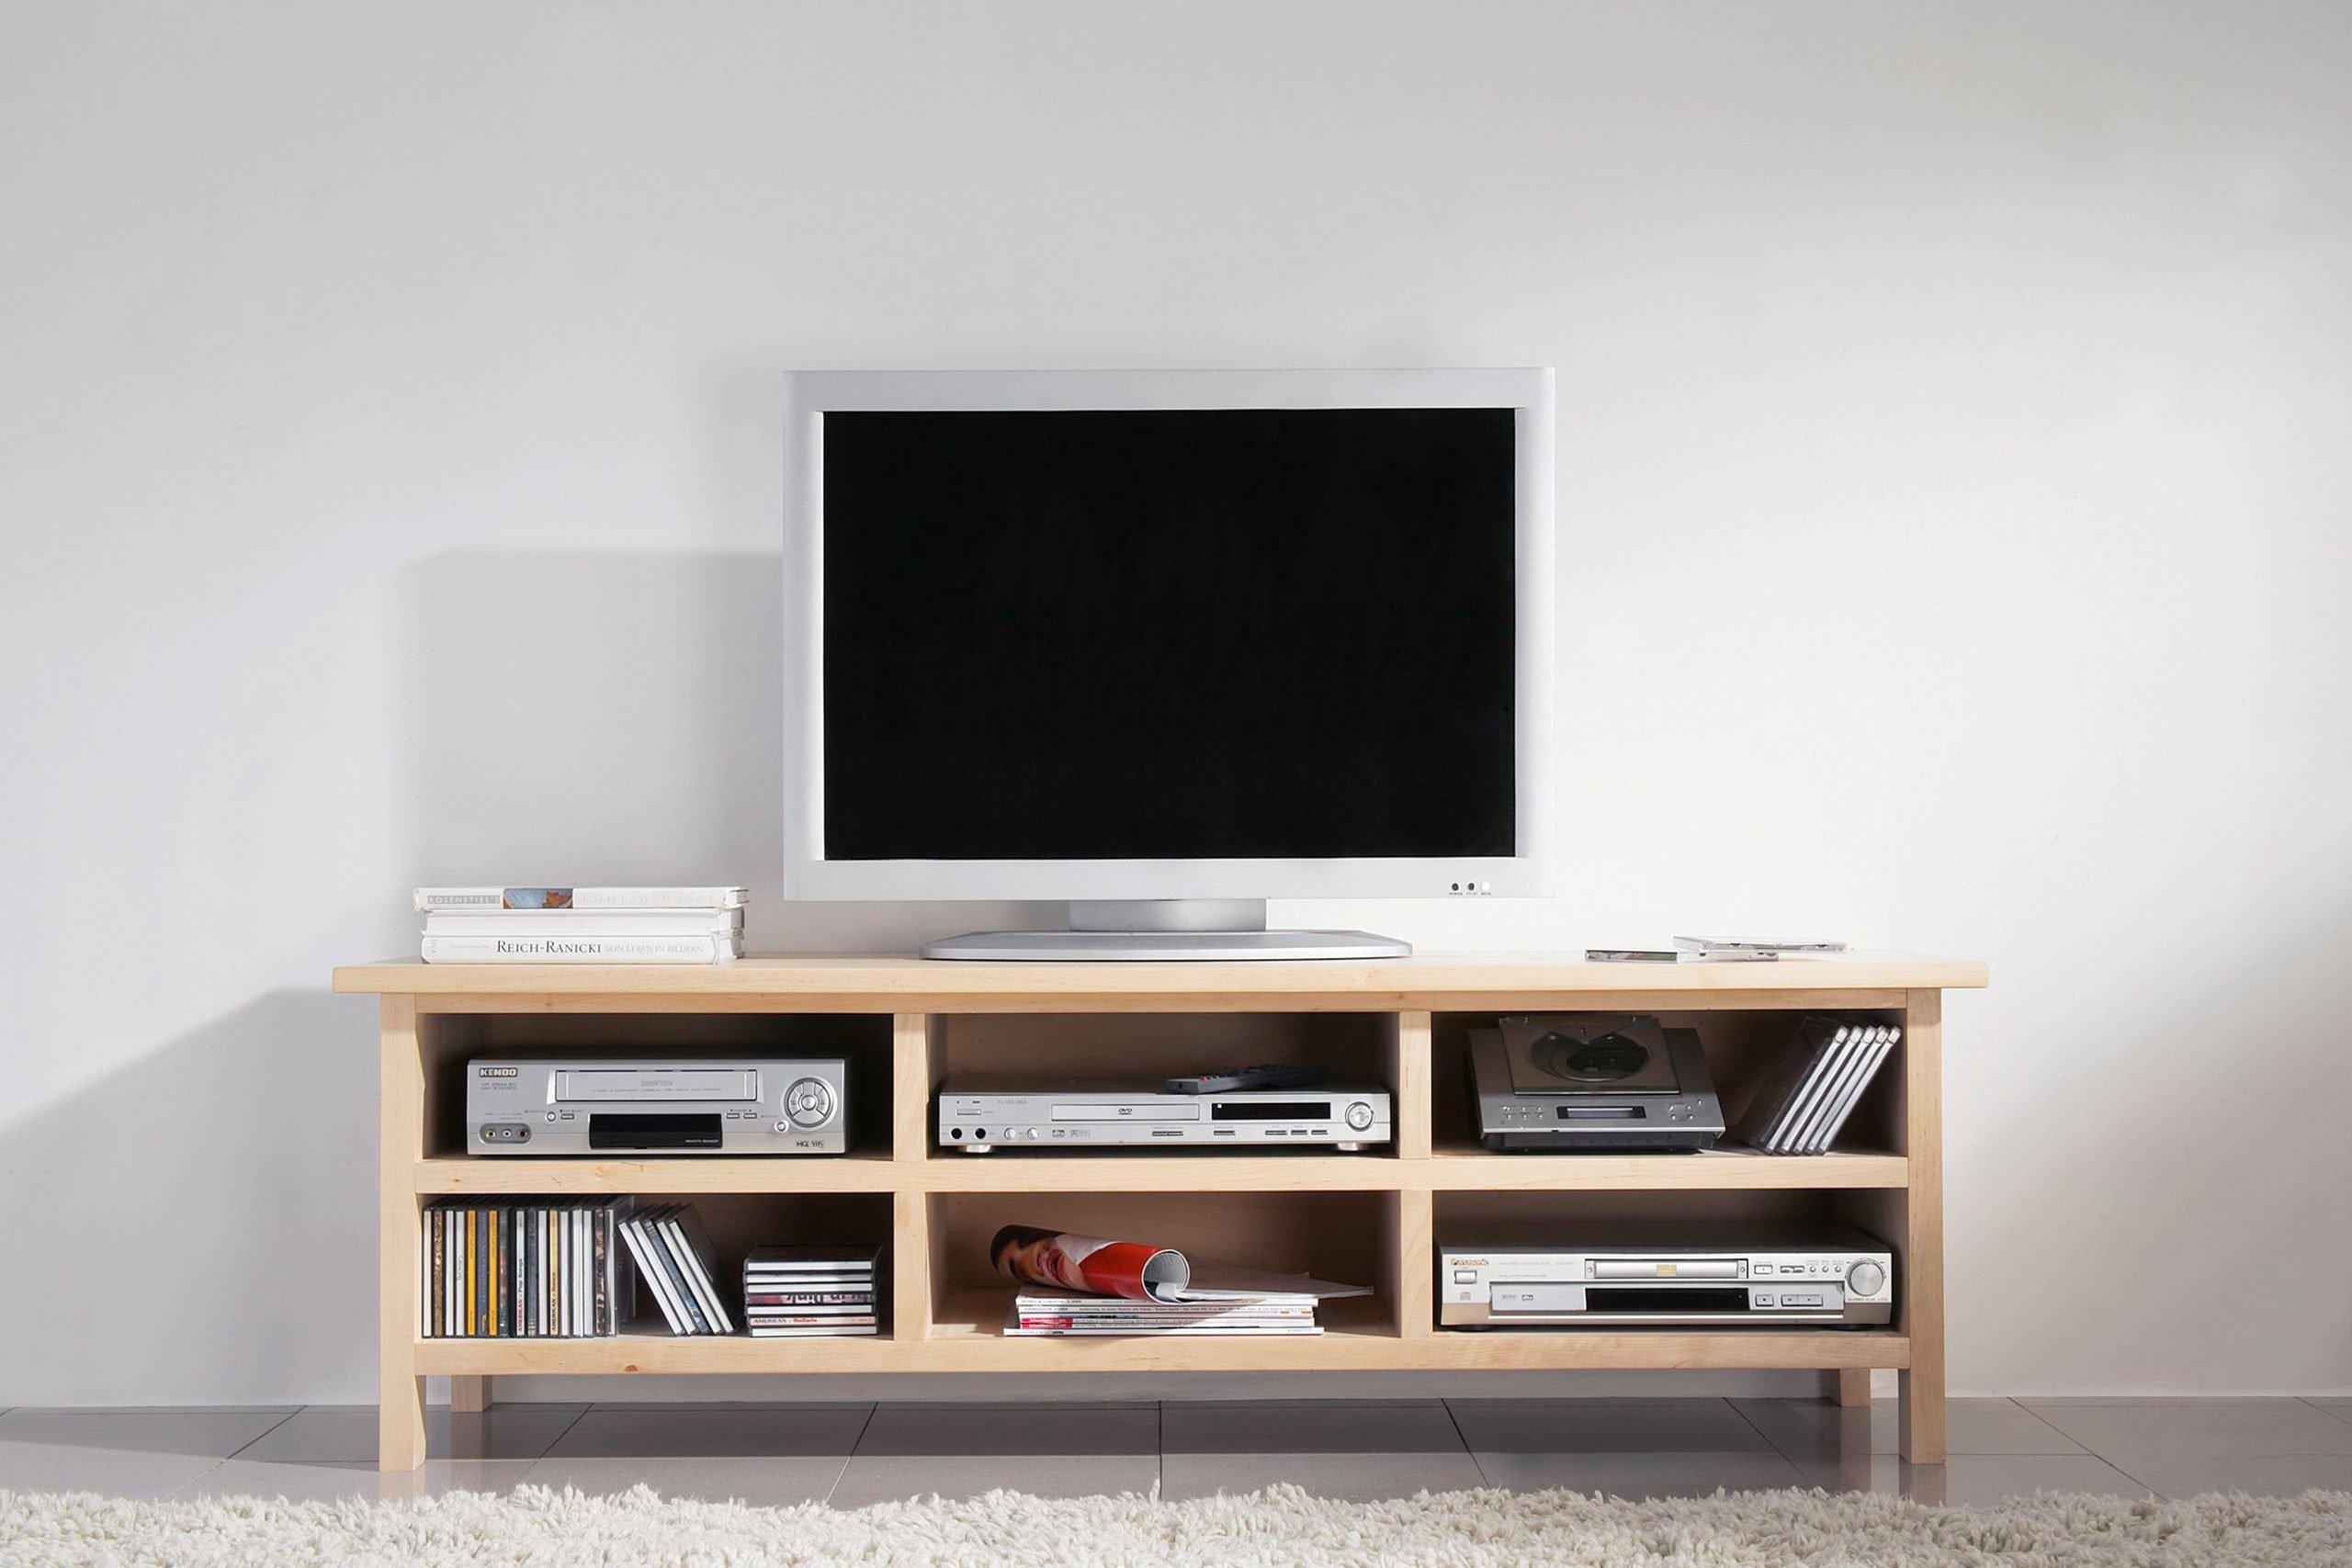 dudinger furniture tv konsole lisa li 500 aus massiver birke m bel letz ihr online shop. Black Bedroom Furniture Sets. Home Design Ideas